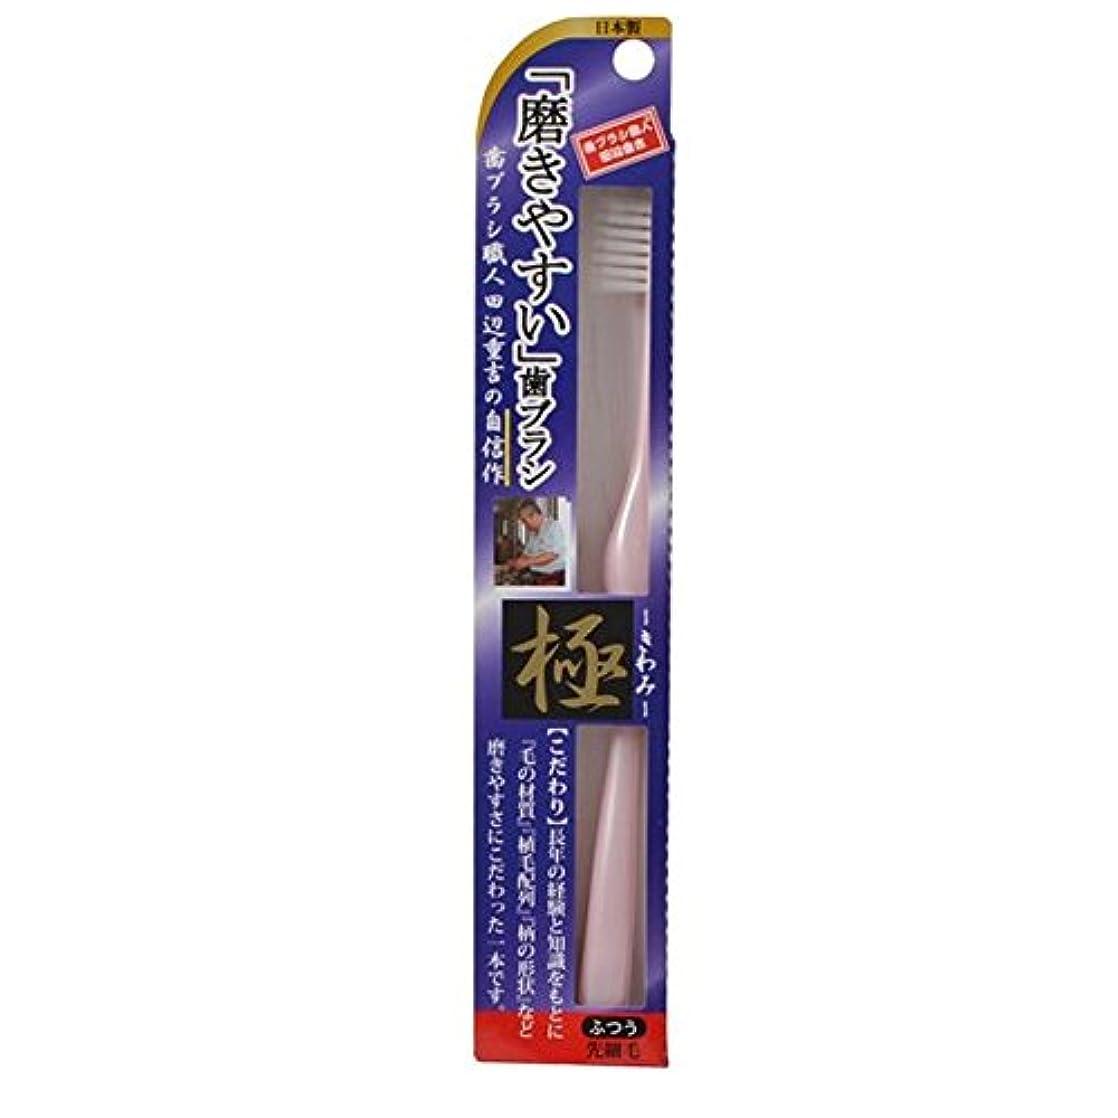 ボウルピストンオーバーヘッド磨きやすい歯ブラシ極 LT-22